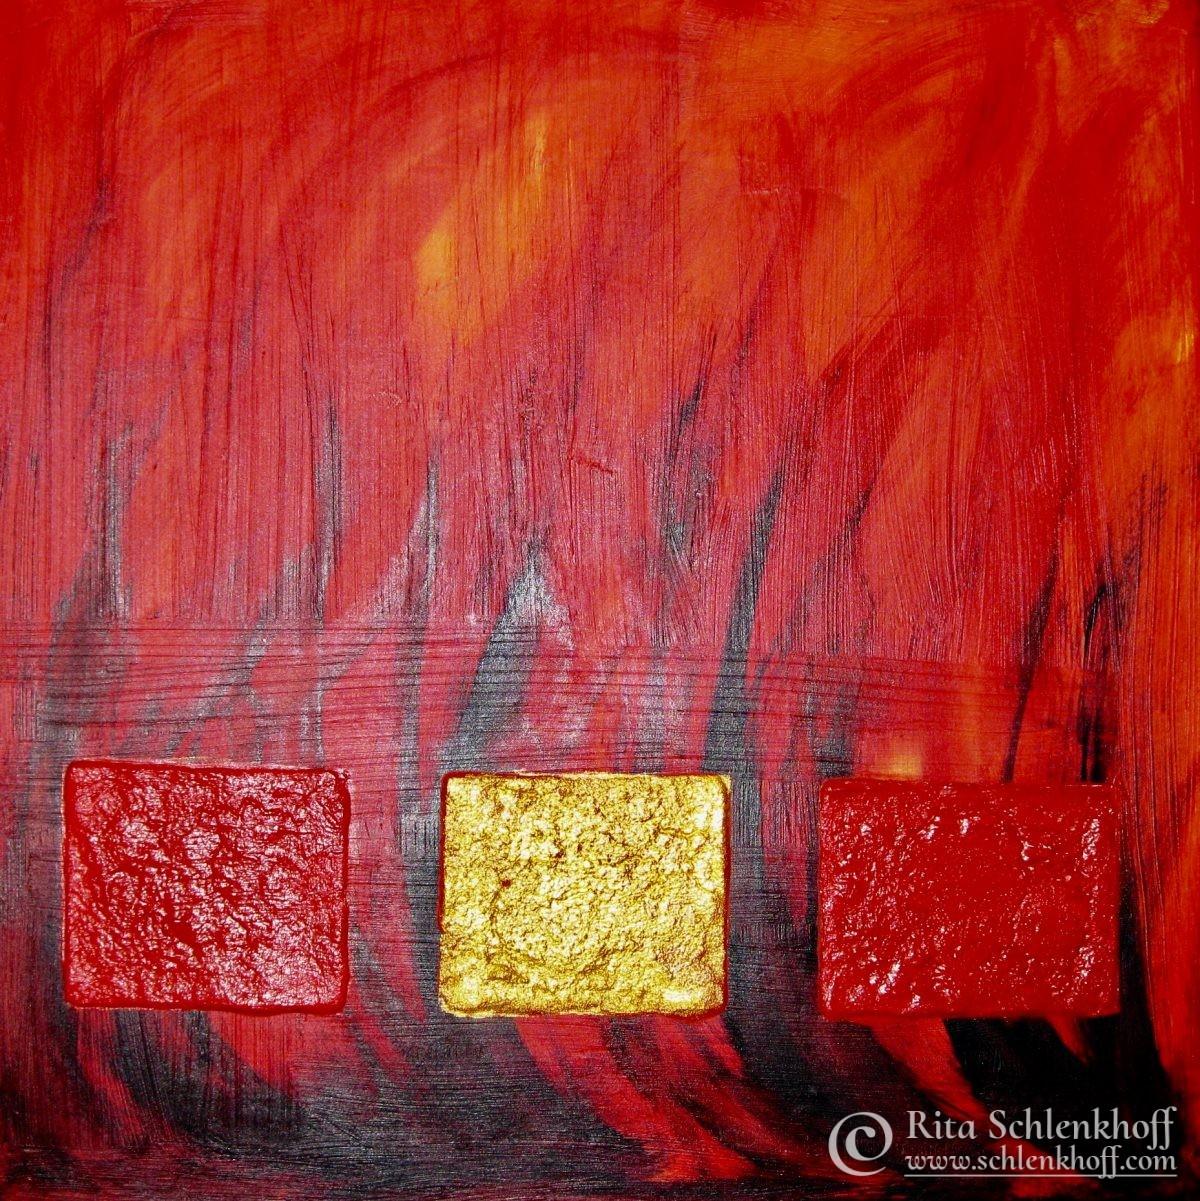 Acryl auf Leinwand 40 x 40 cm, lodernde Flammen